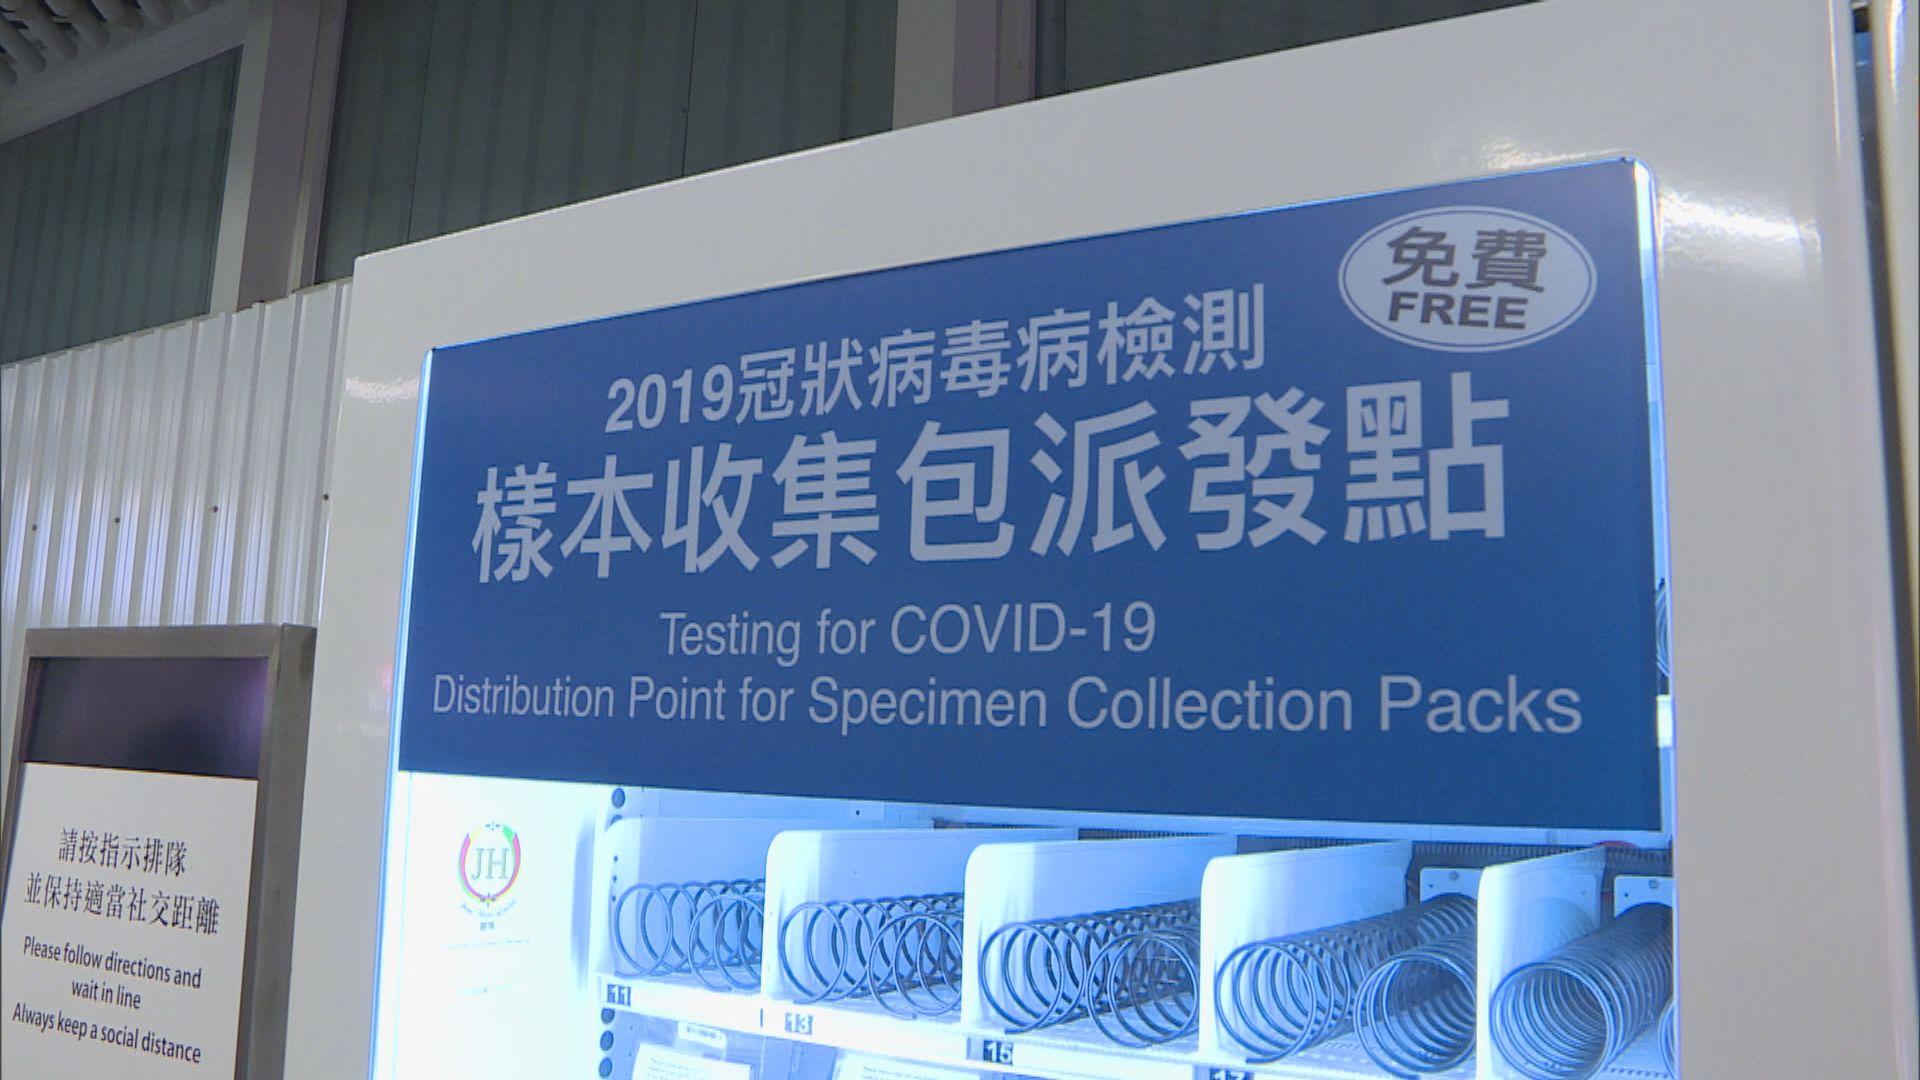 港鐵派一萬個樣本收集包今日已派發完畢